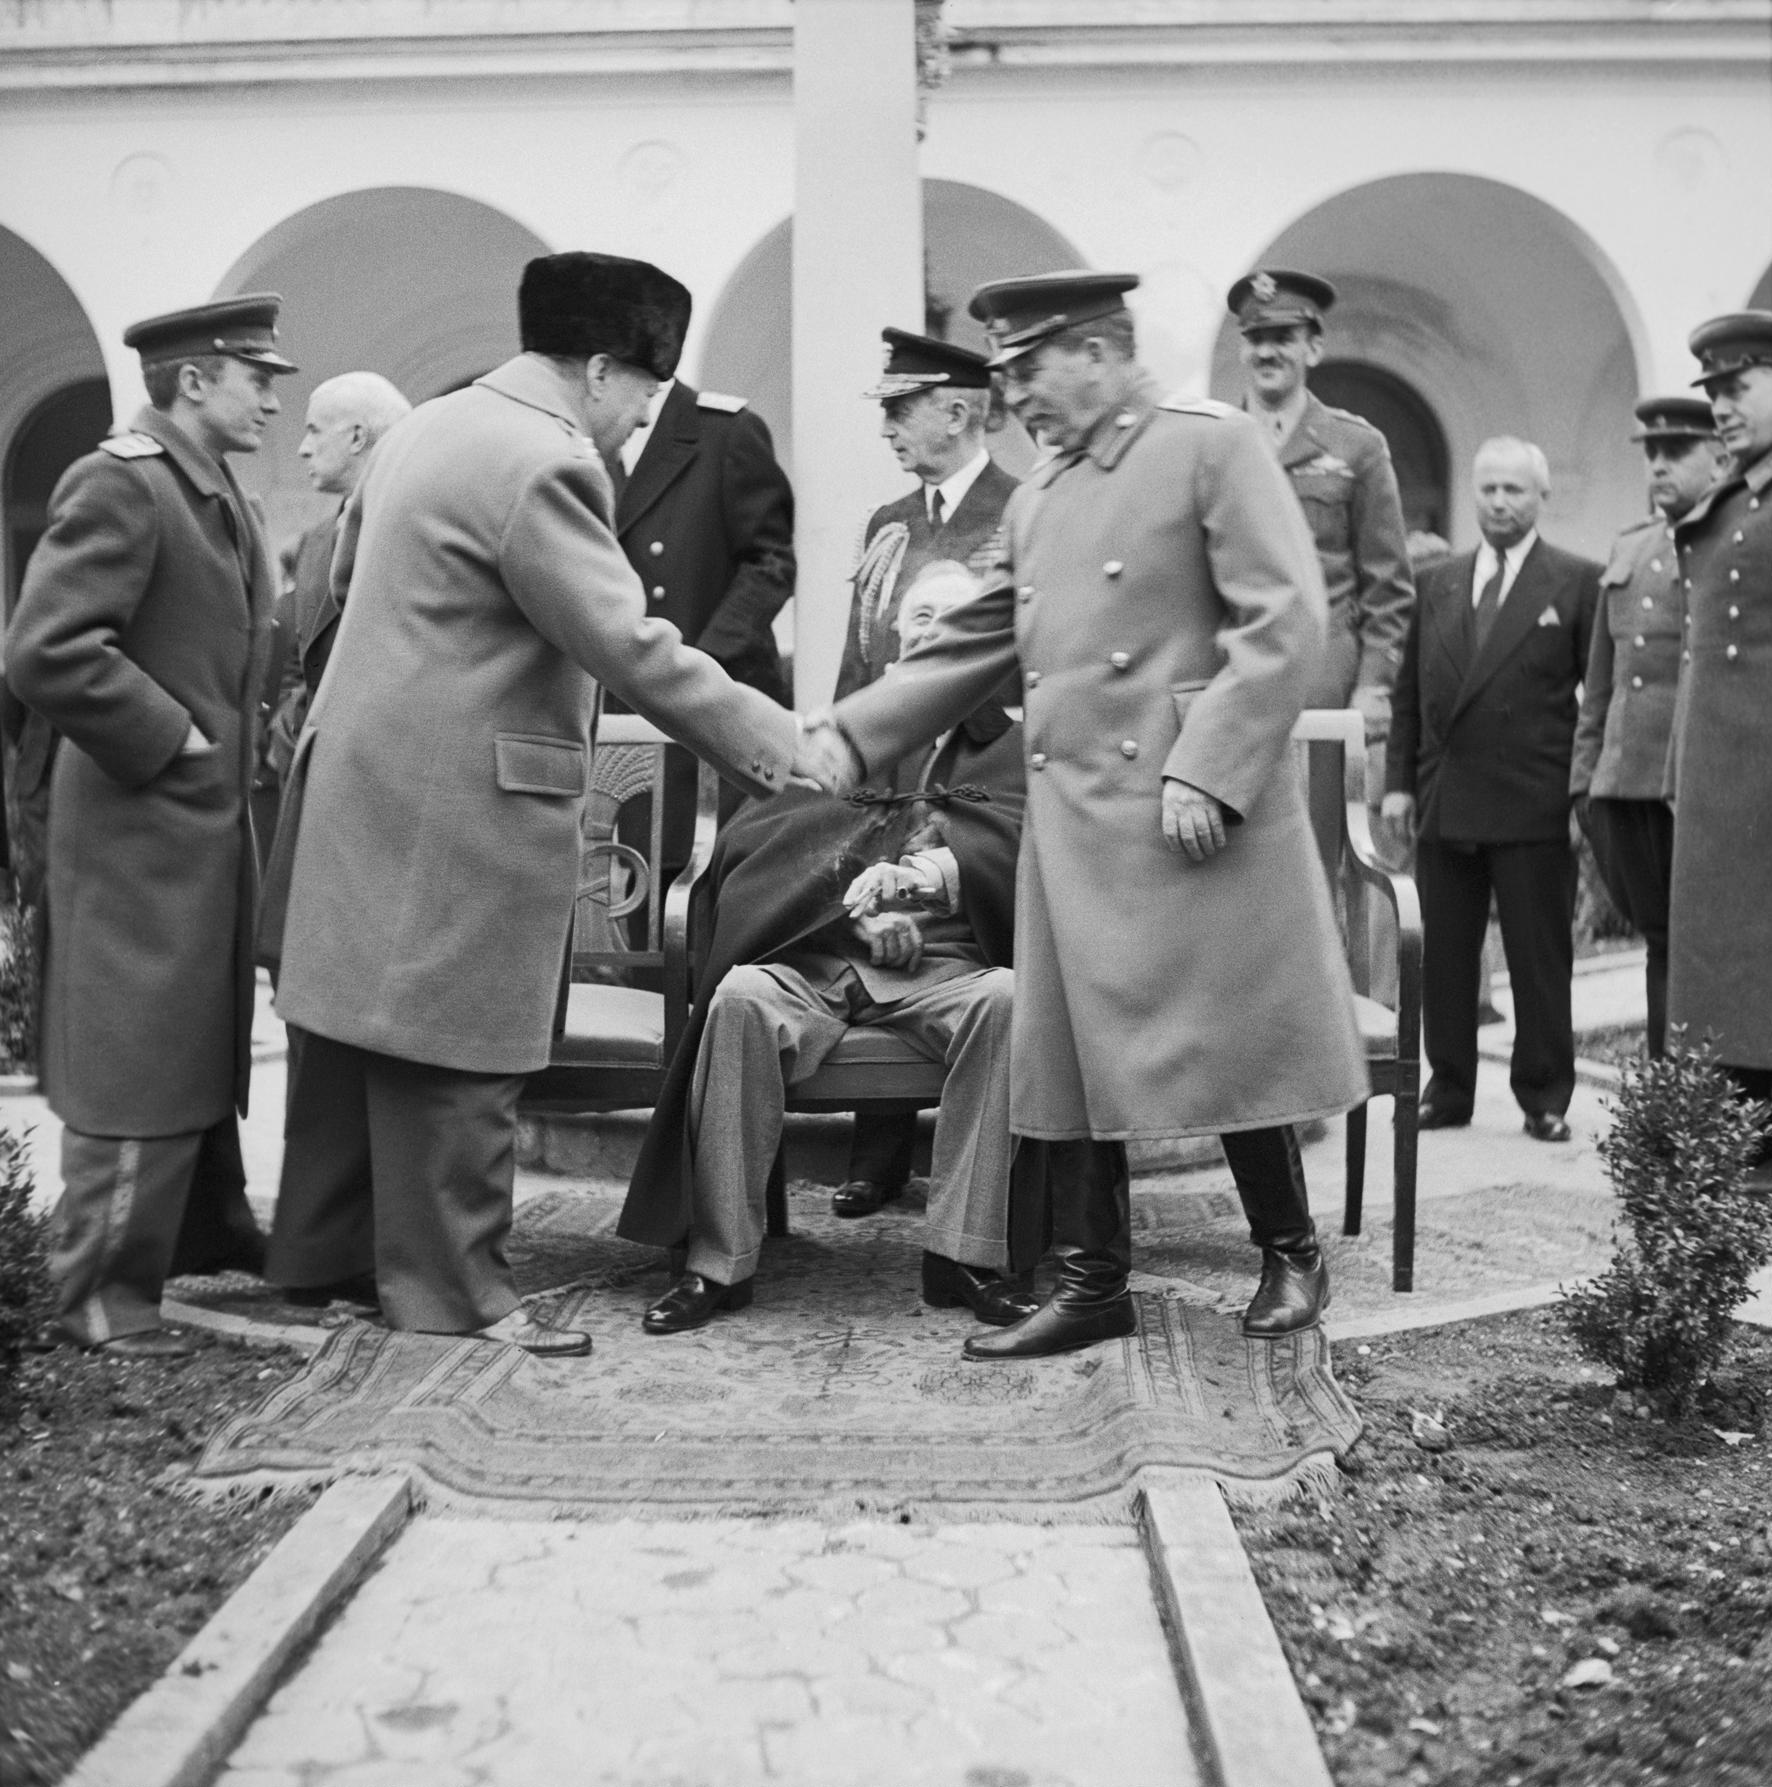 У. Черчилль приветствует И.Сталина с президентом Рузвельтом во время протокольной съемки